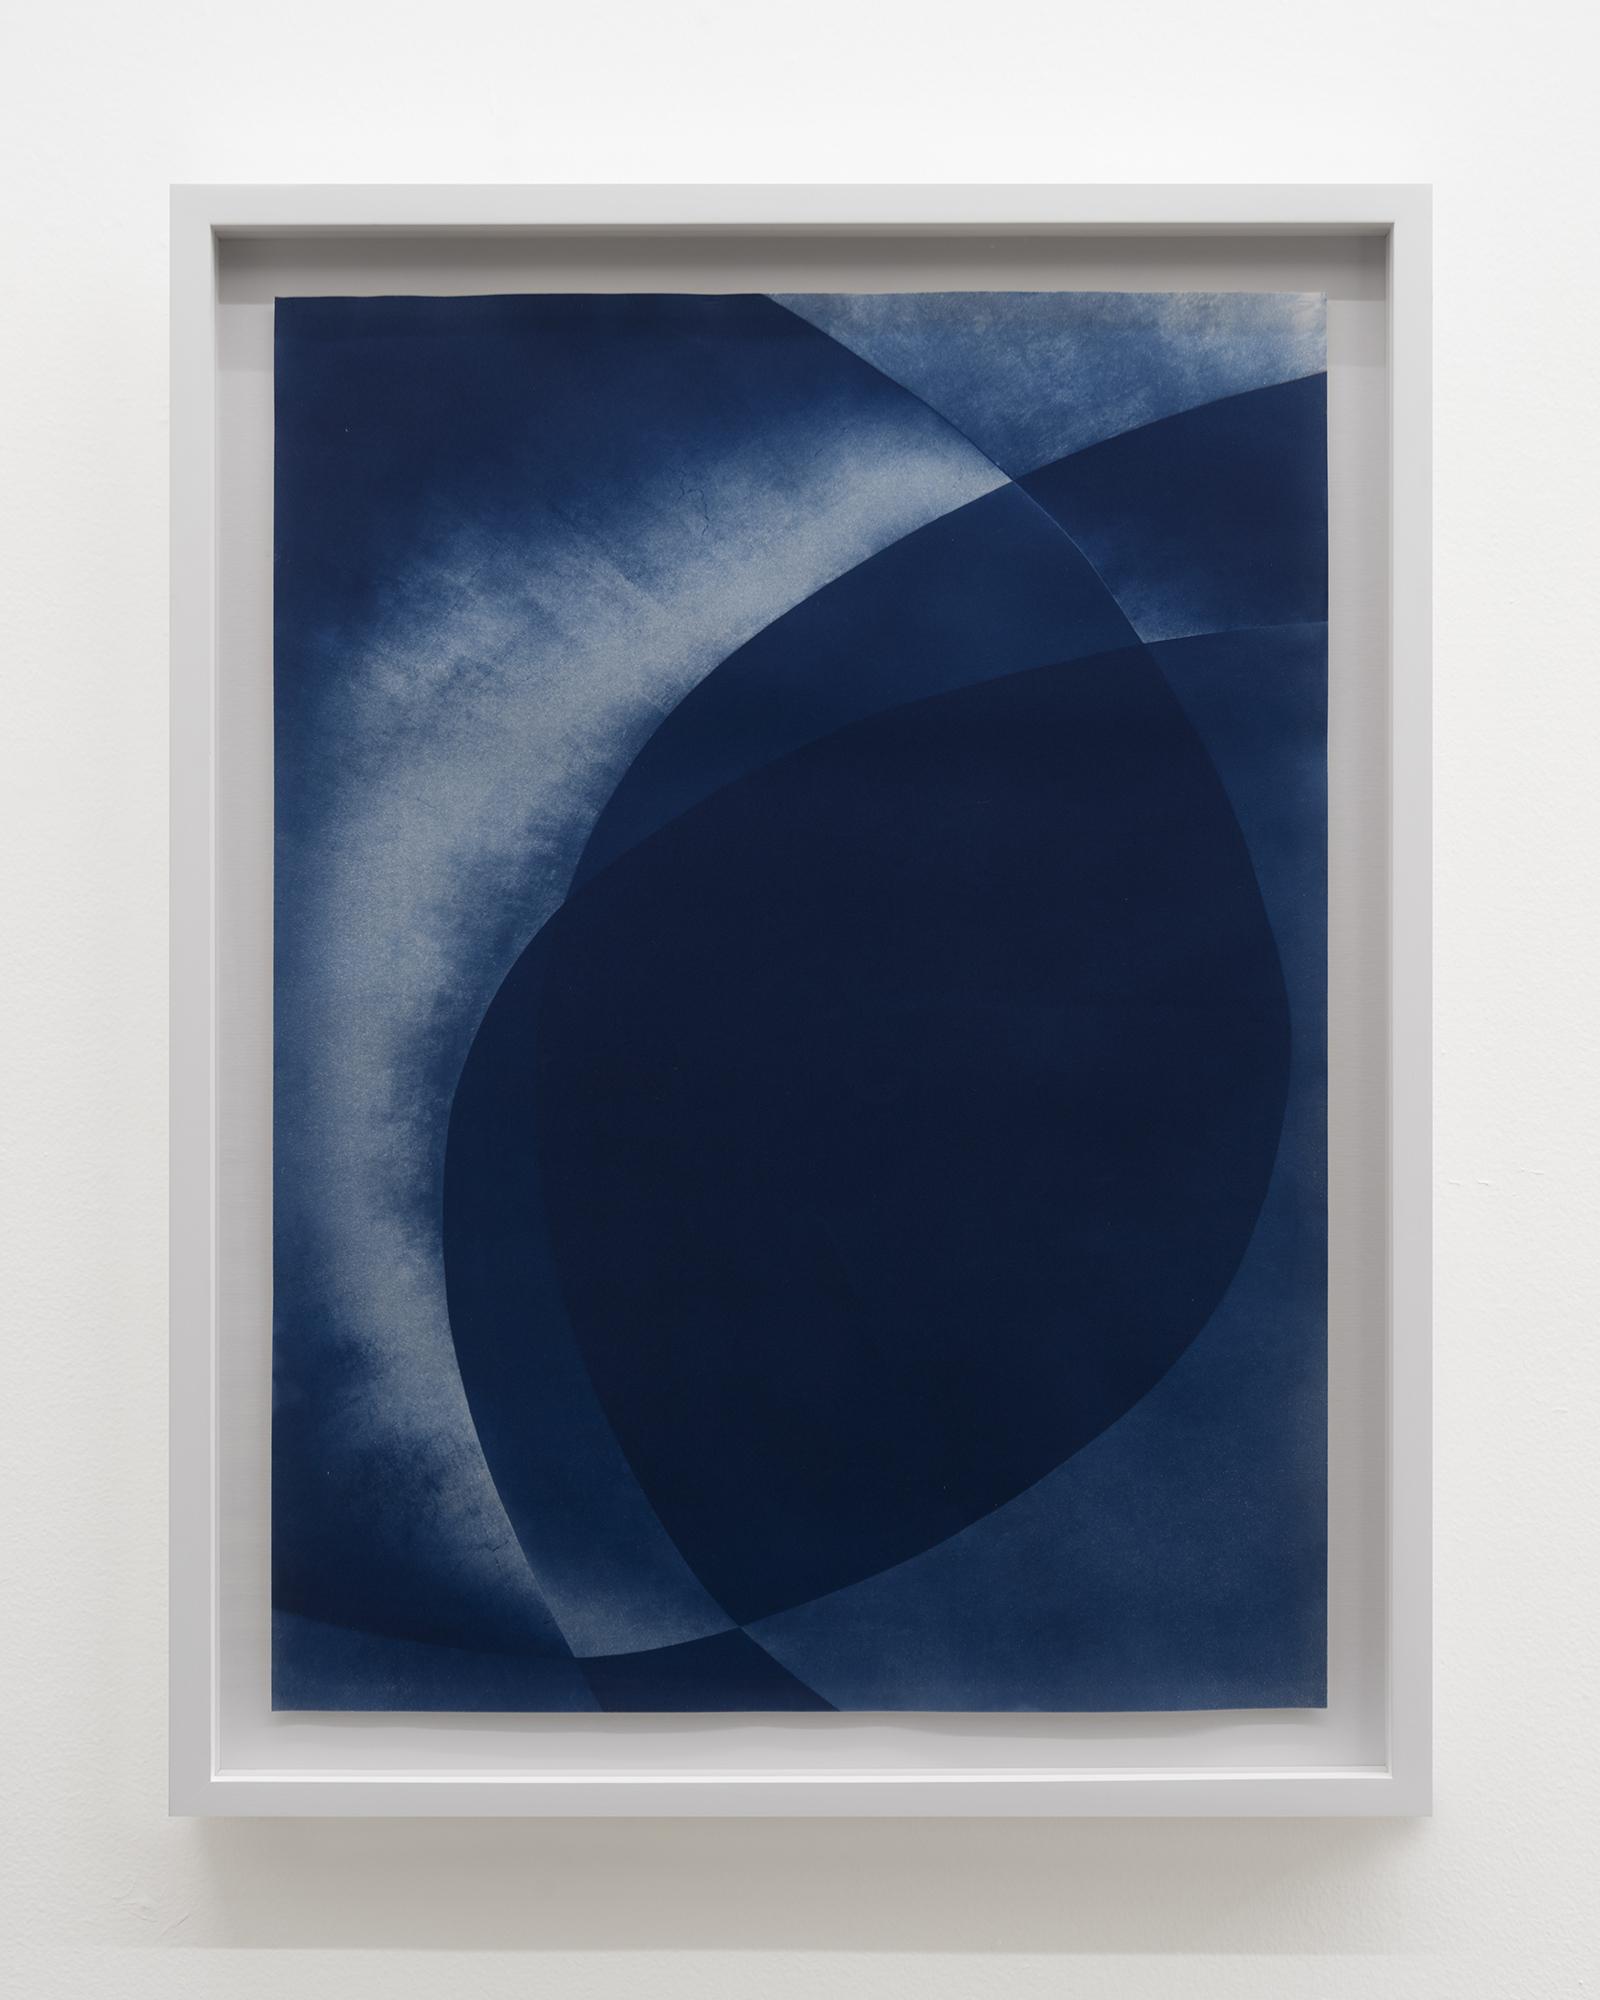 FMPX21_marshall_blue-sun_02